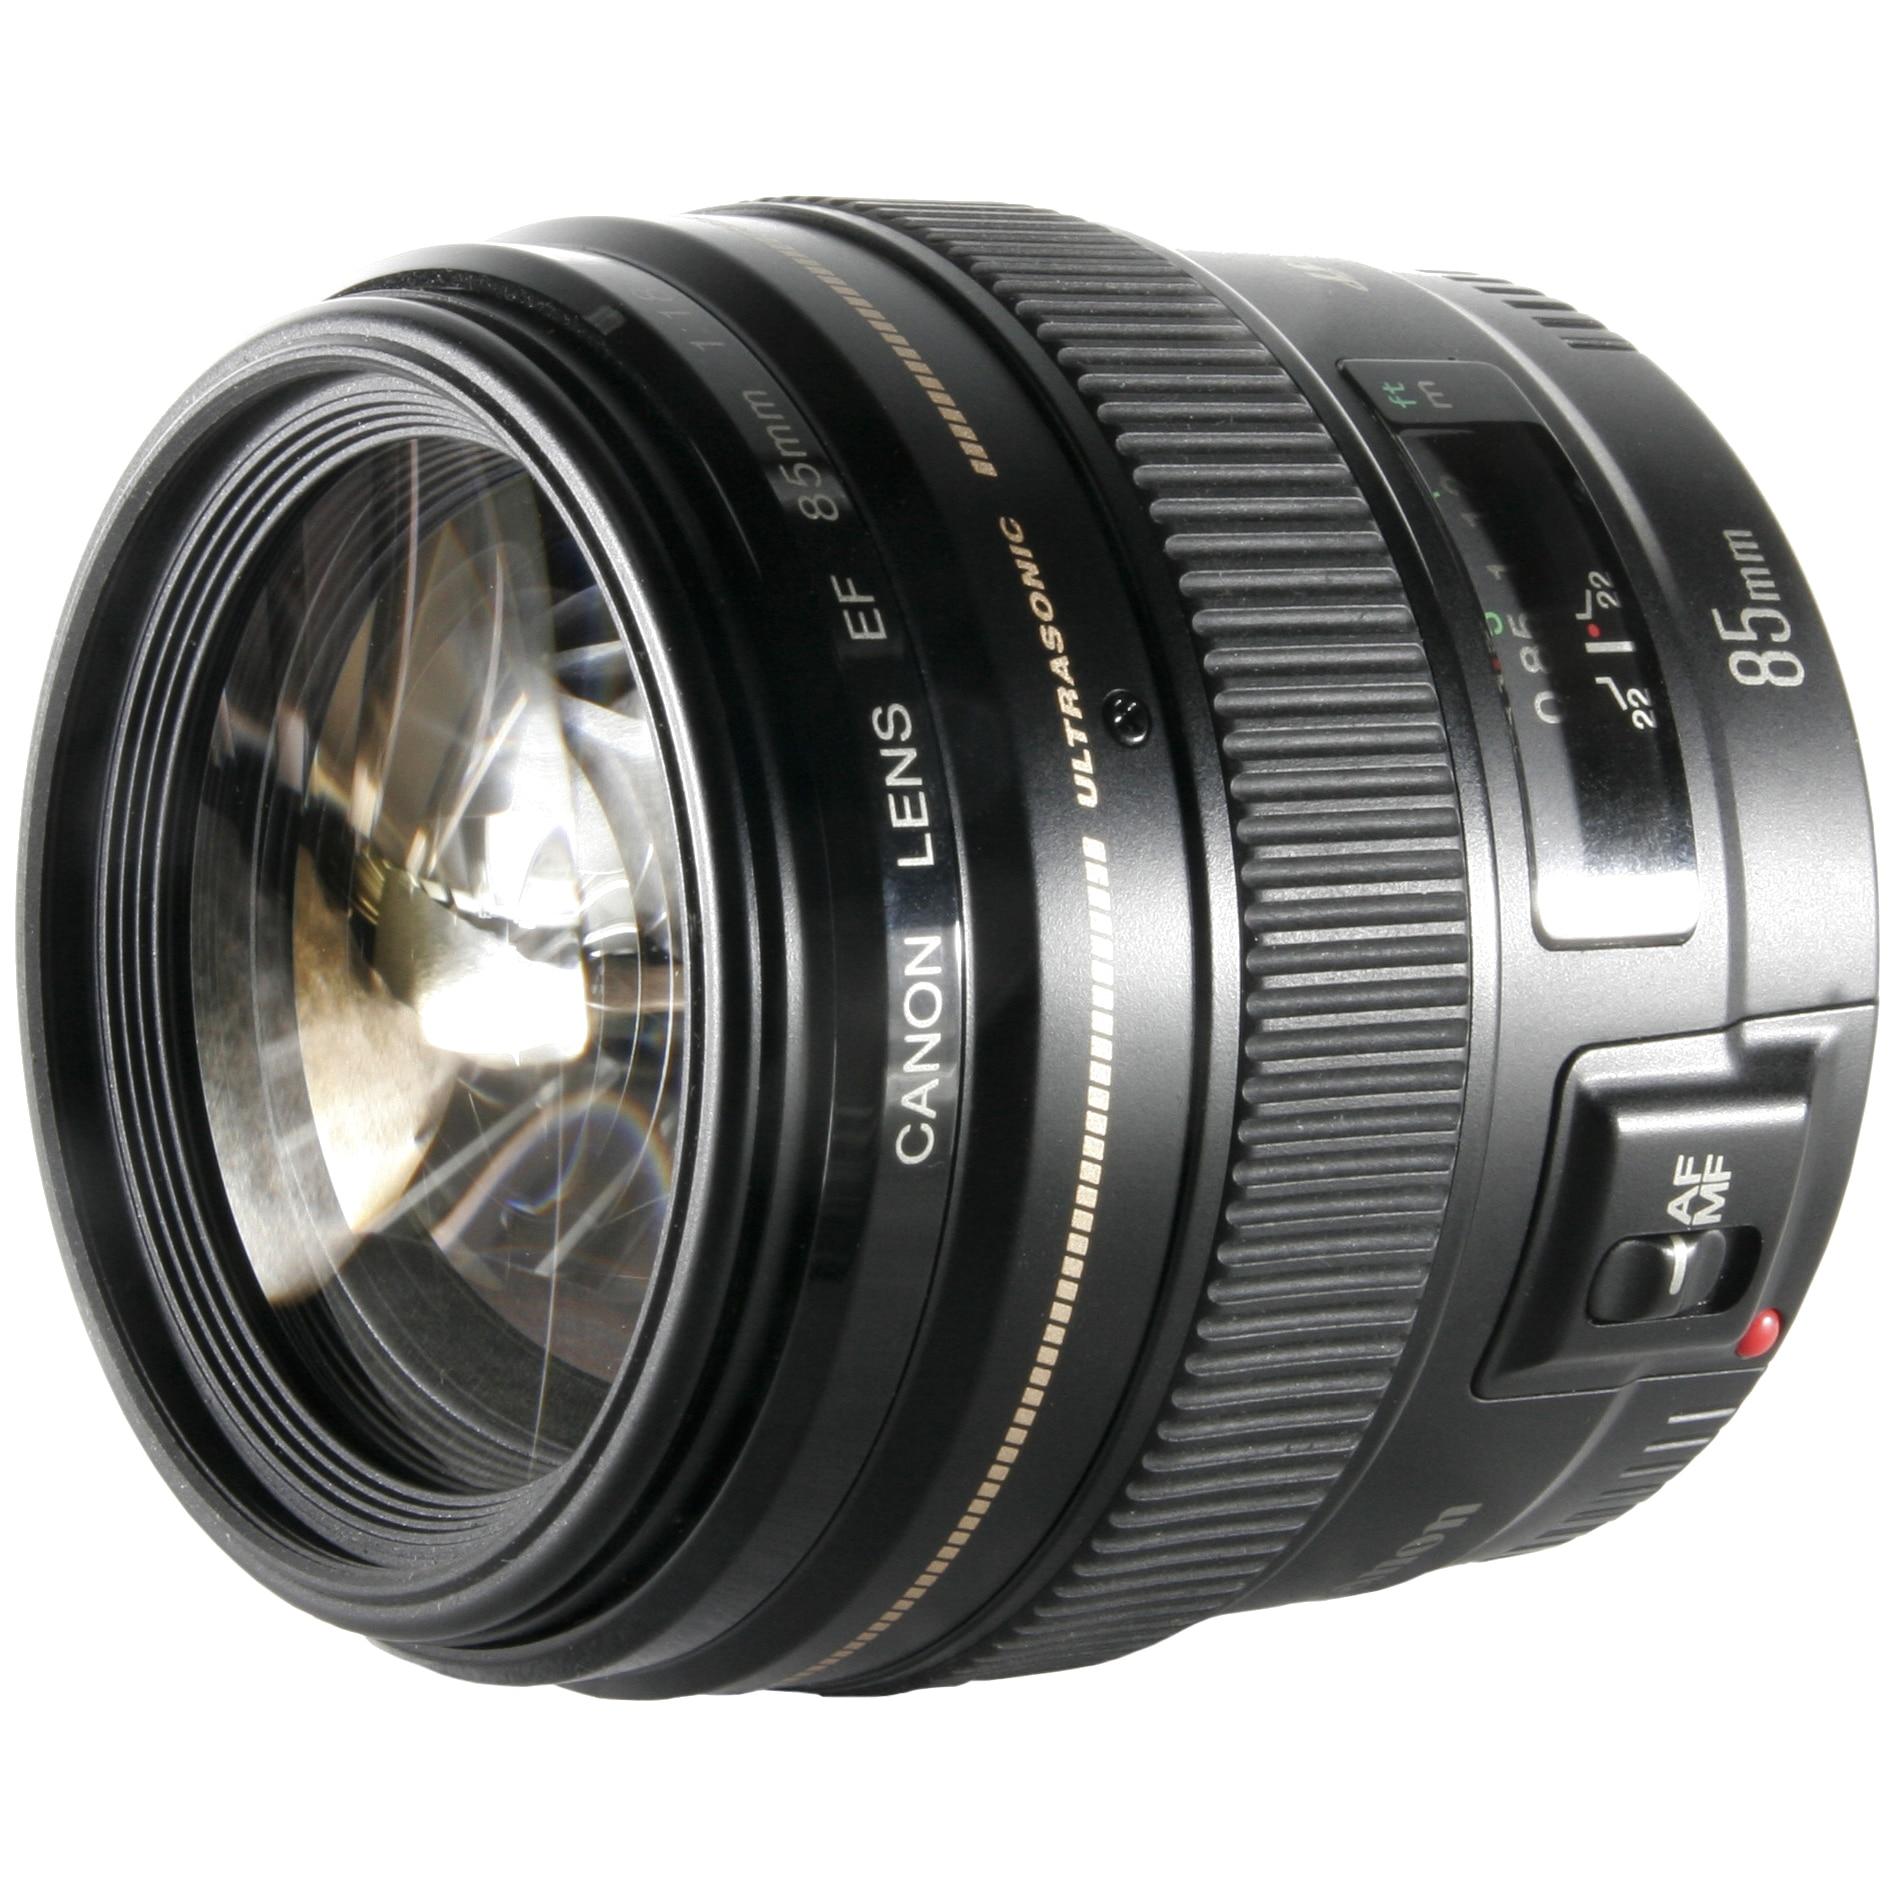 Fotografie Obiectiv Canon EF 85mm f/1.8 USM